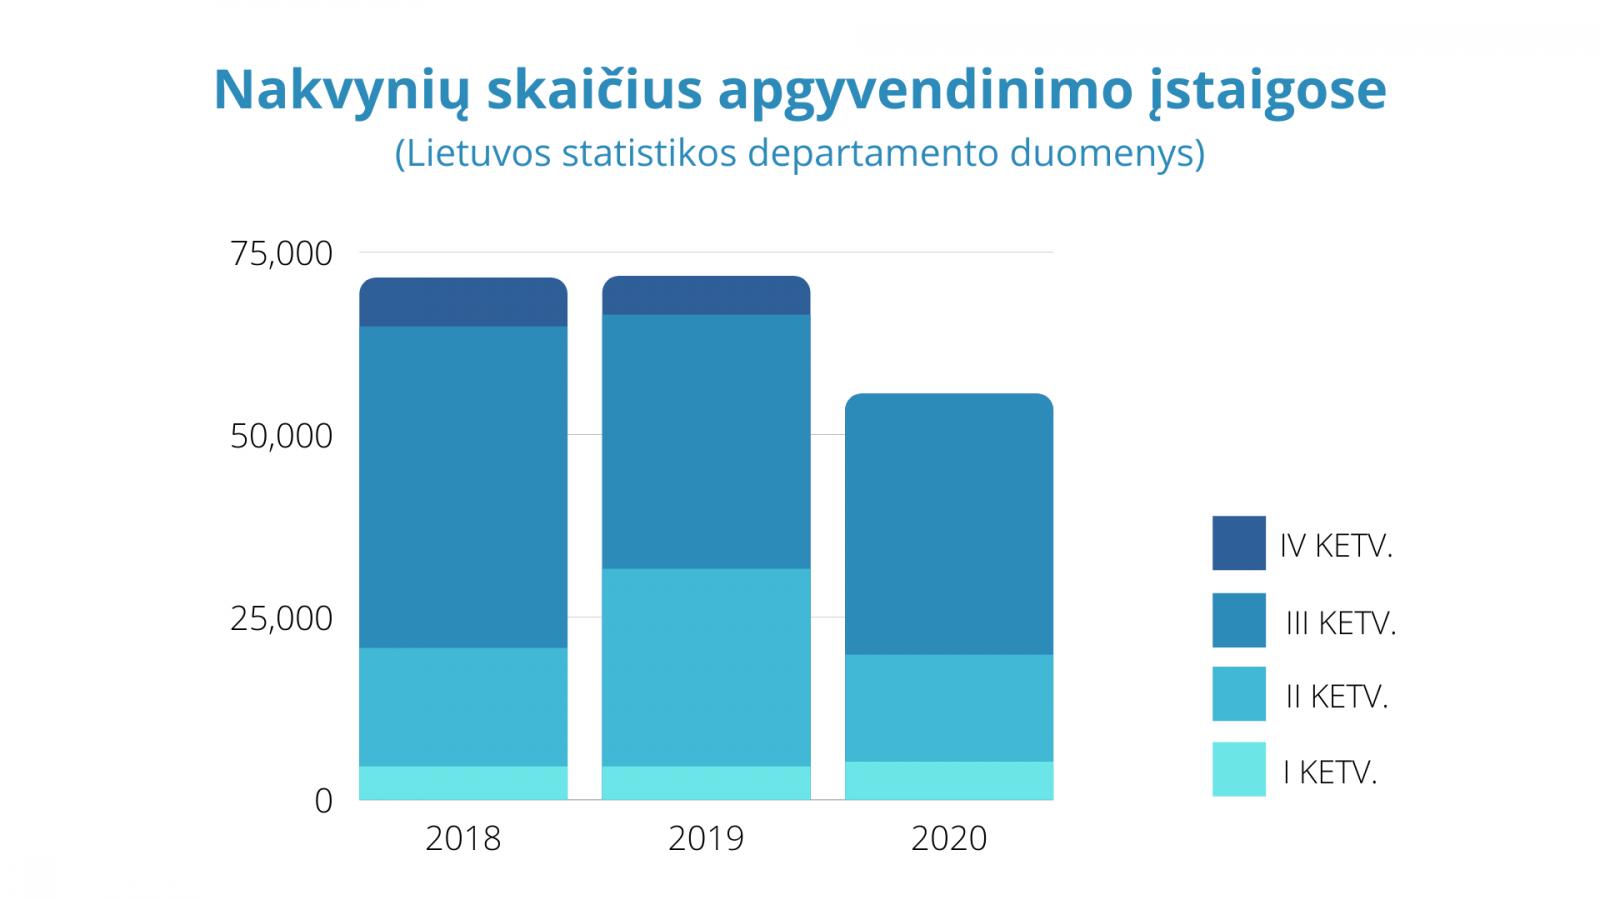 Nakvynių skaičius Molėtų rajono apgyvendinimo įstaigose